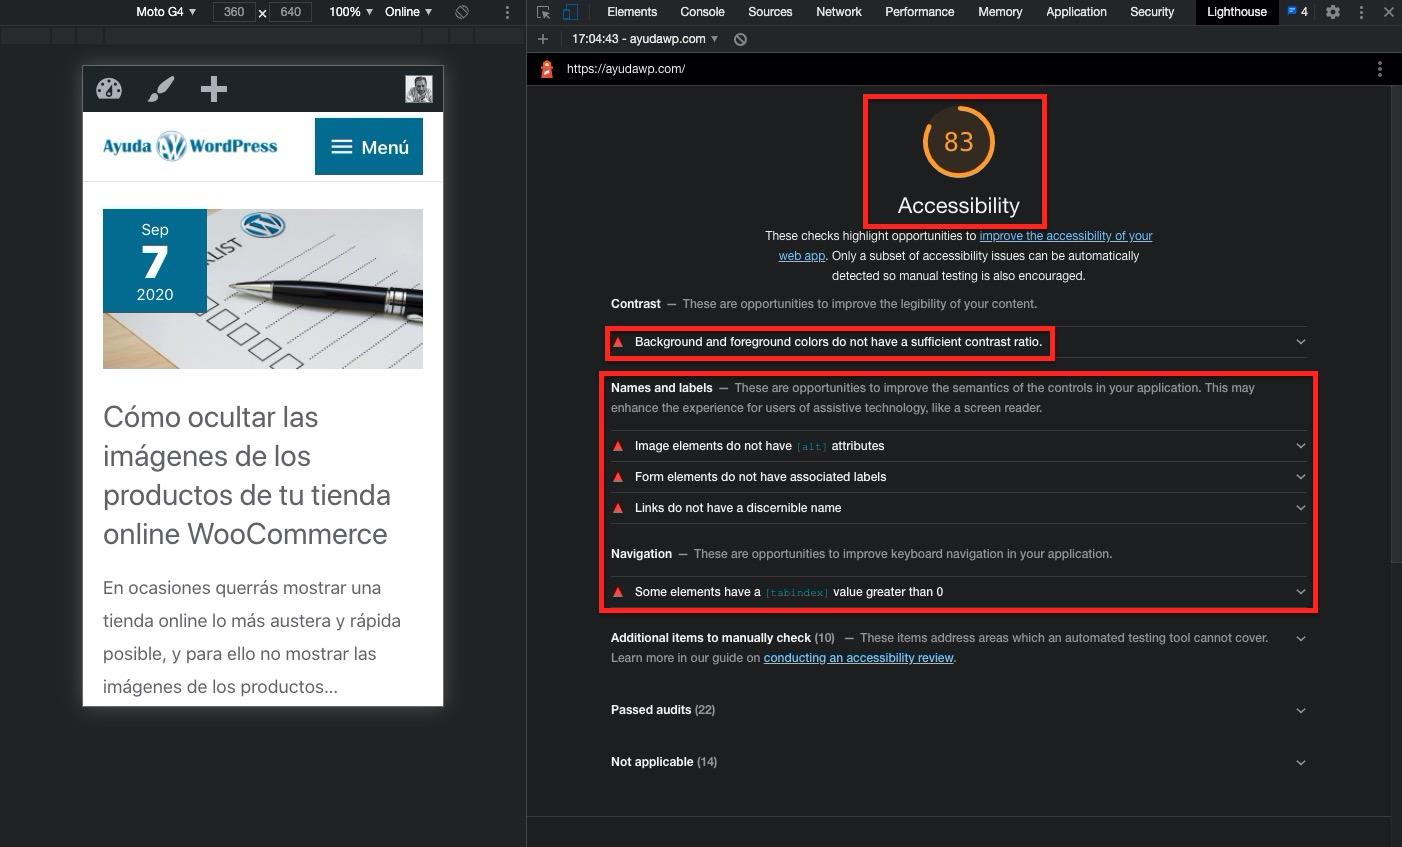 resultados accesibilidad en herramienta lighthouse del navegador Chrome